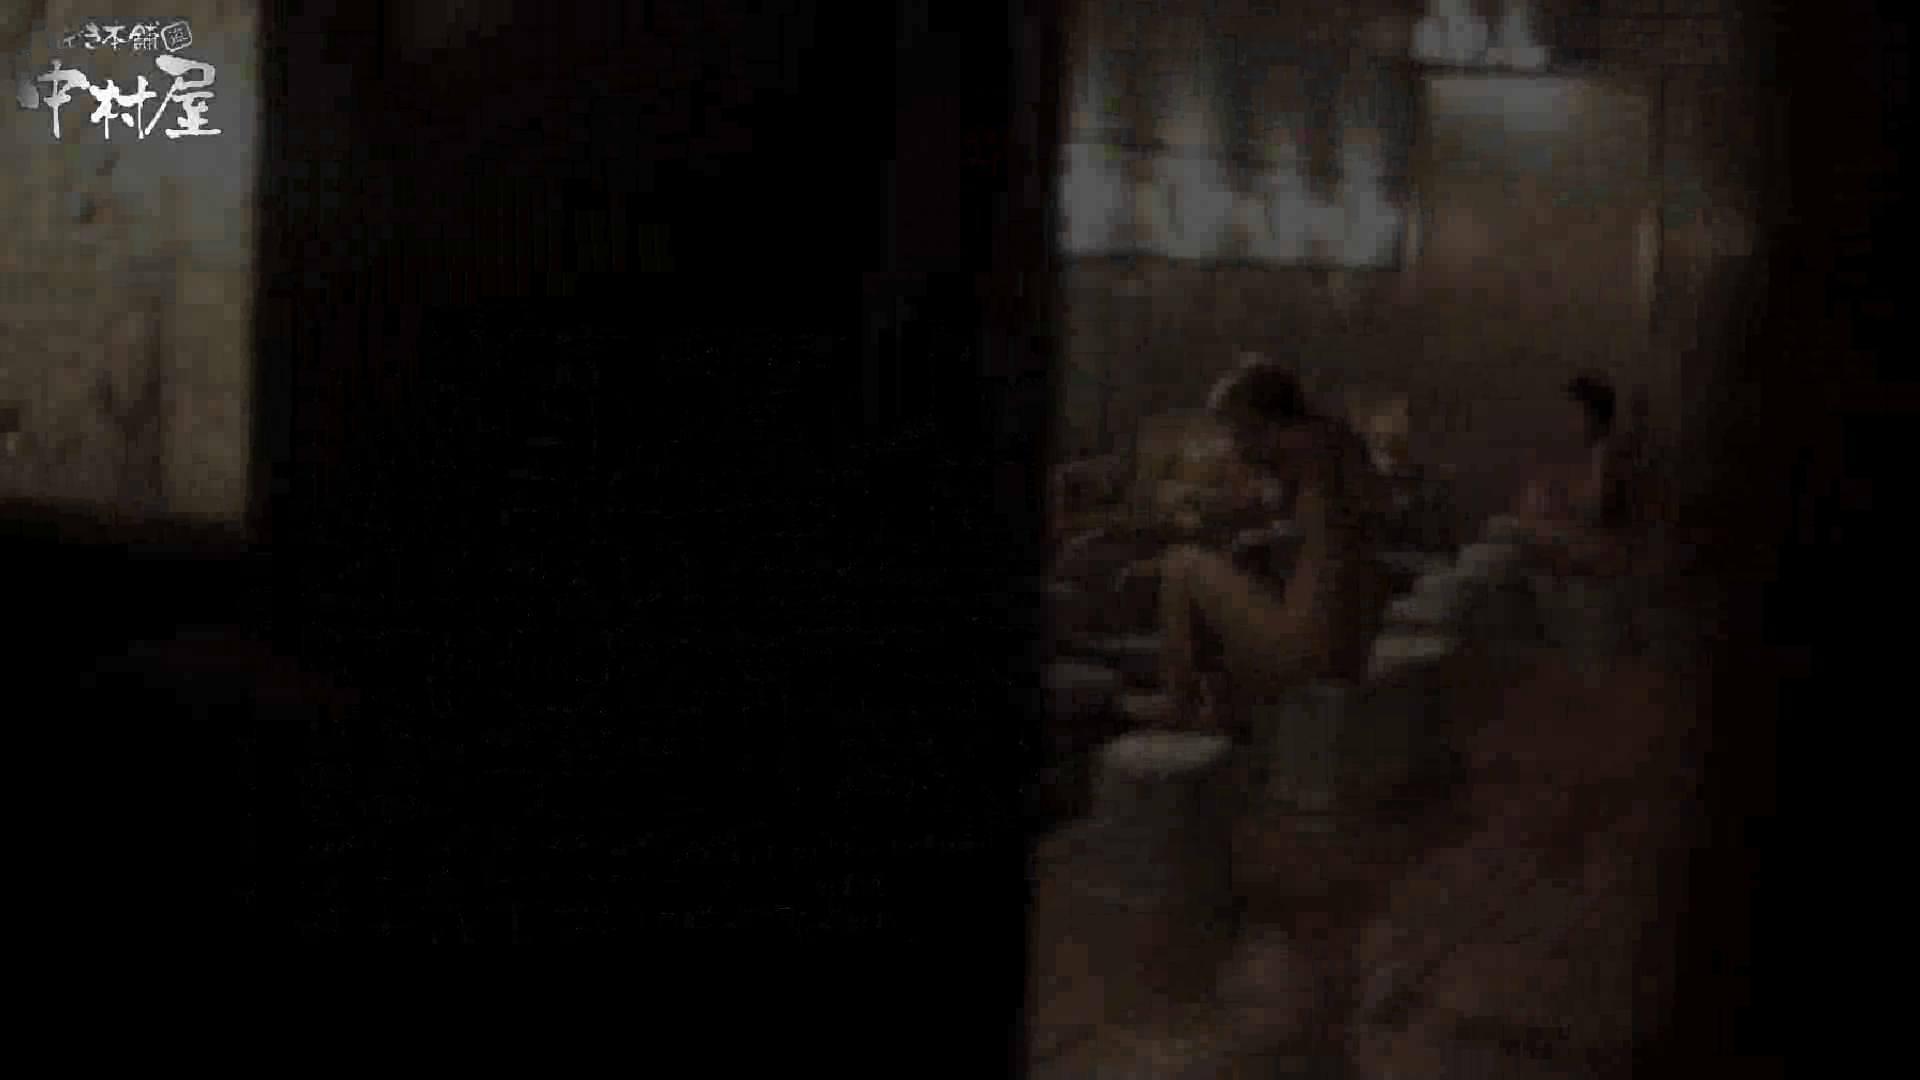 民家風呂専門盗撮師の超危険映像 vol.009 OLセックス | 盗撮  104画像 1